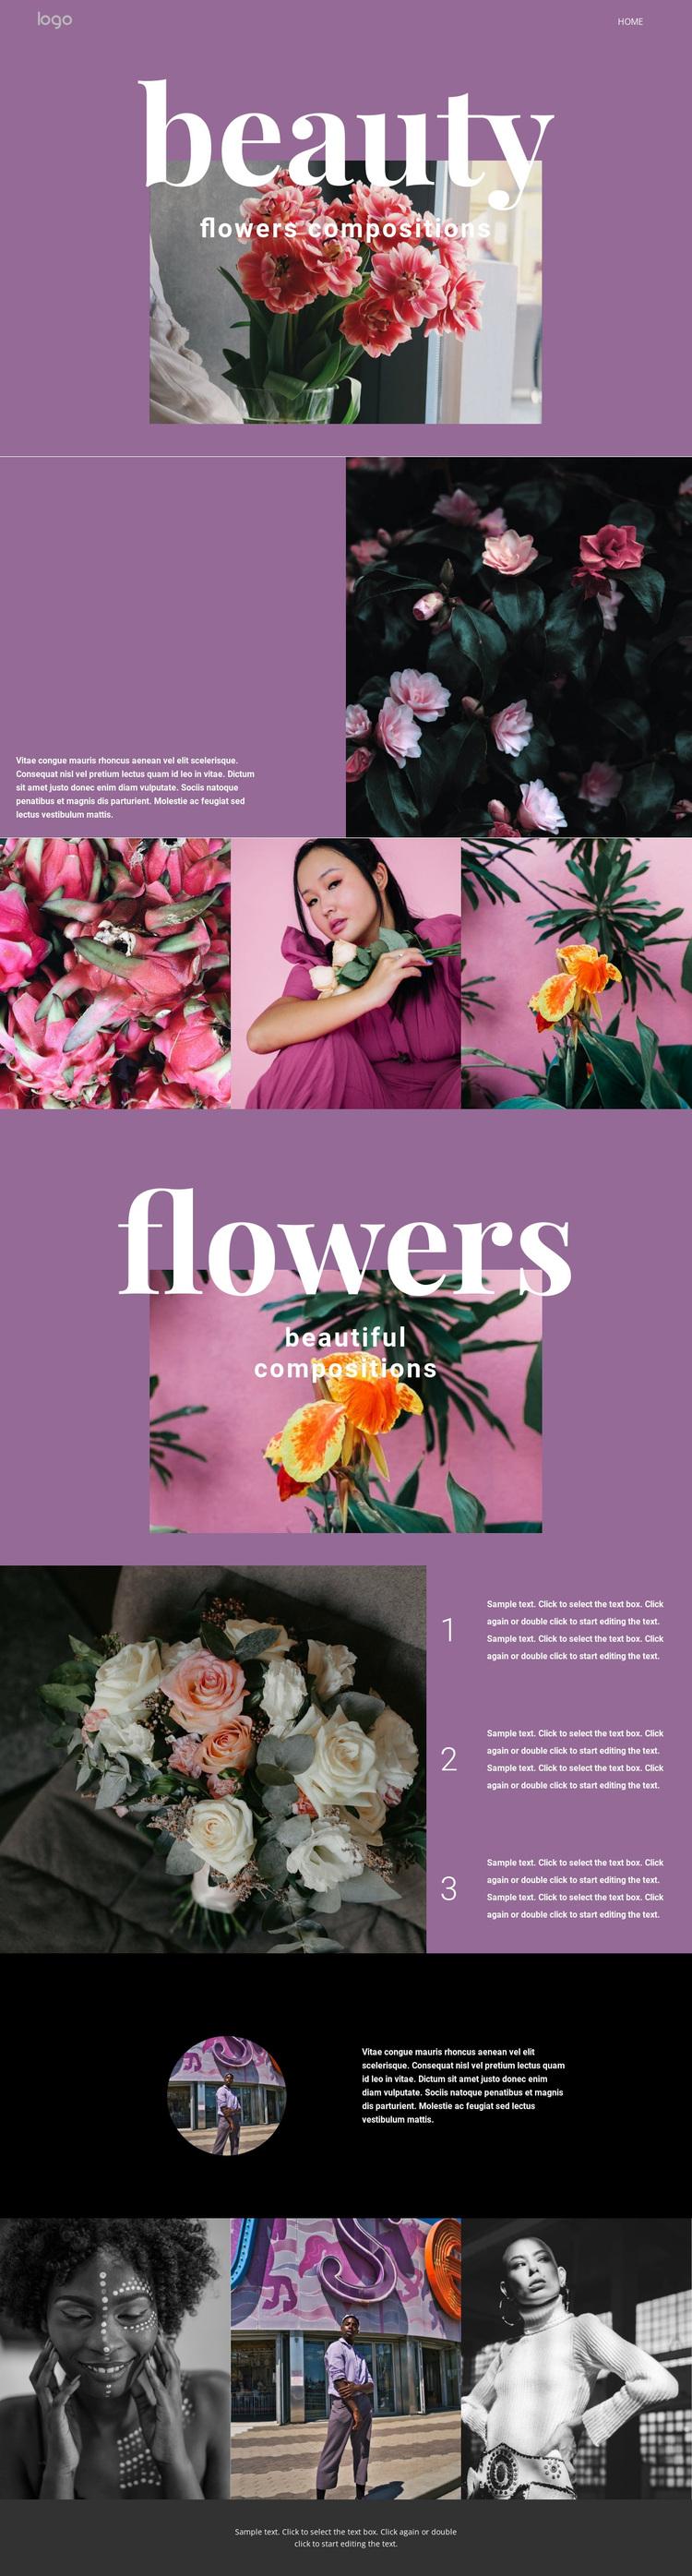 Flower salon Template